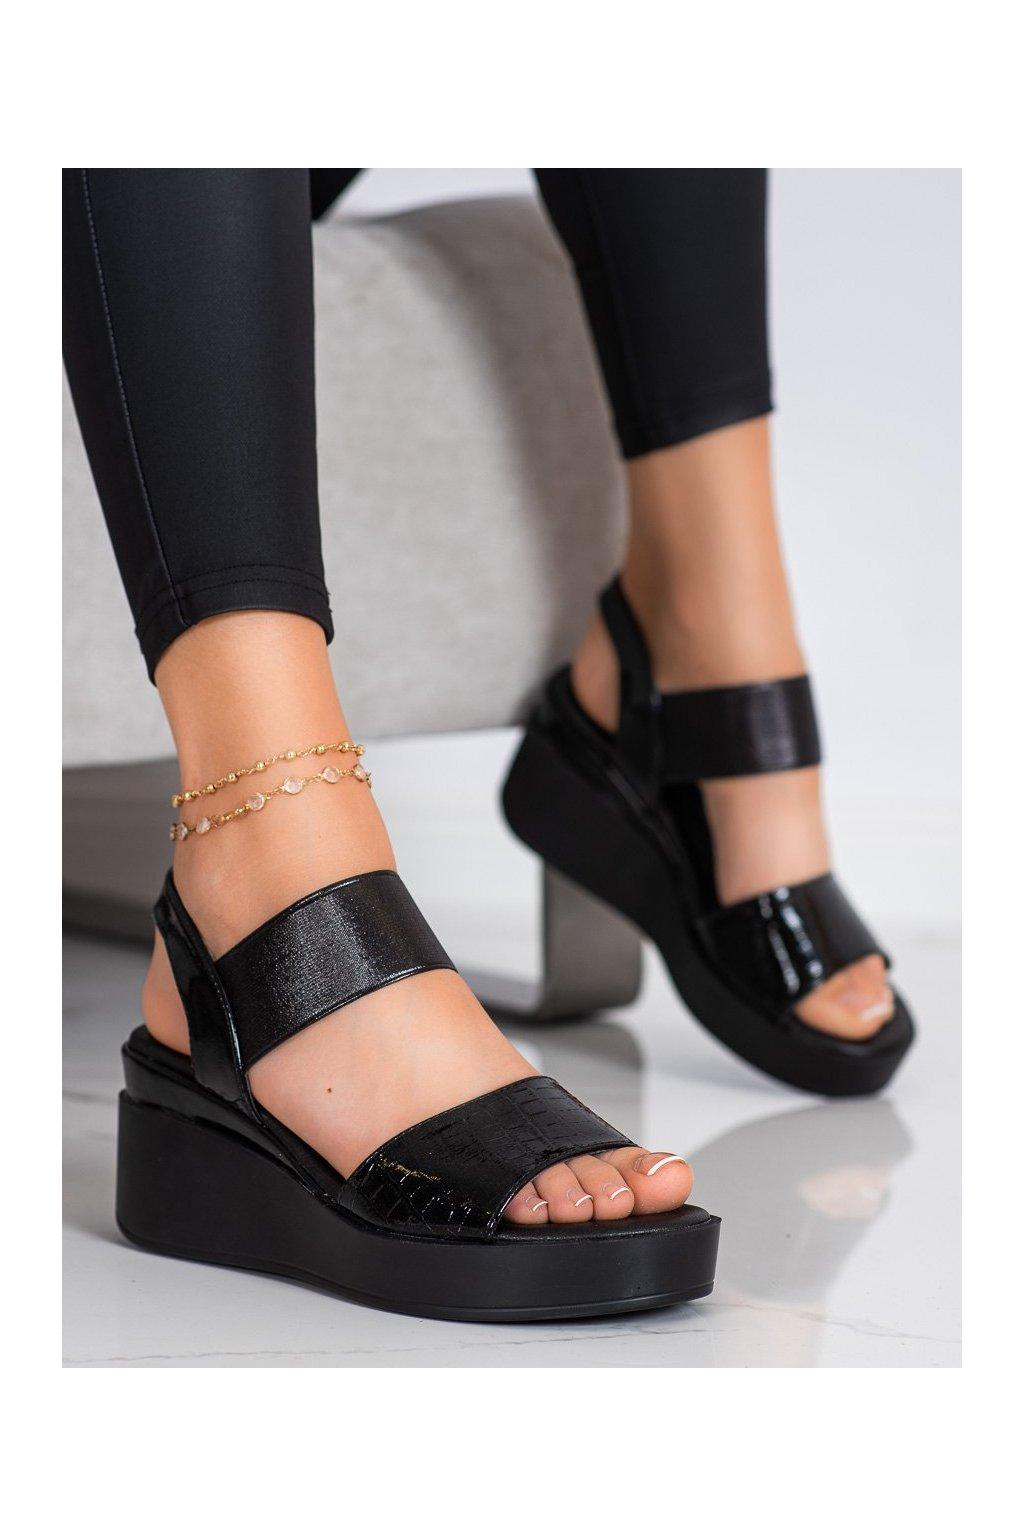 Čierne sandále Coura kod 3193B